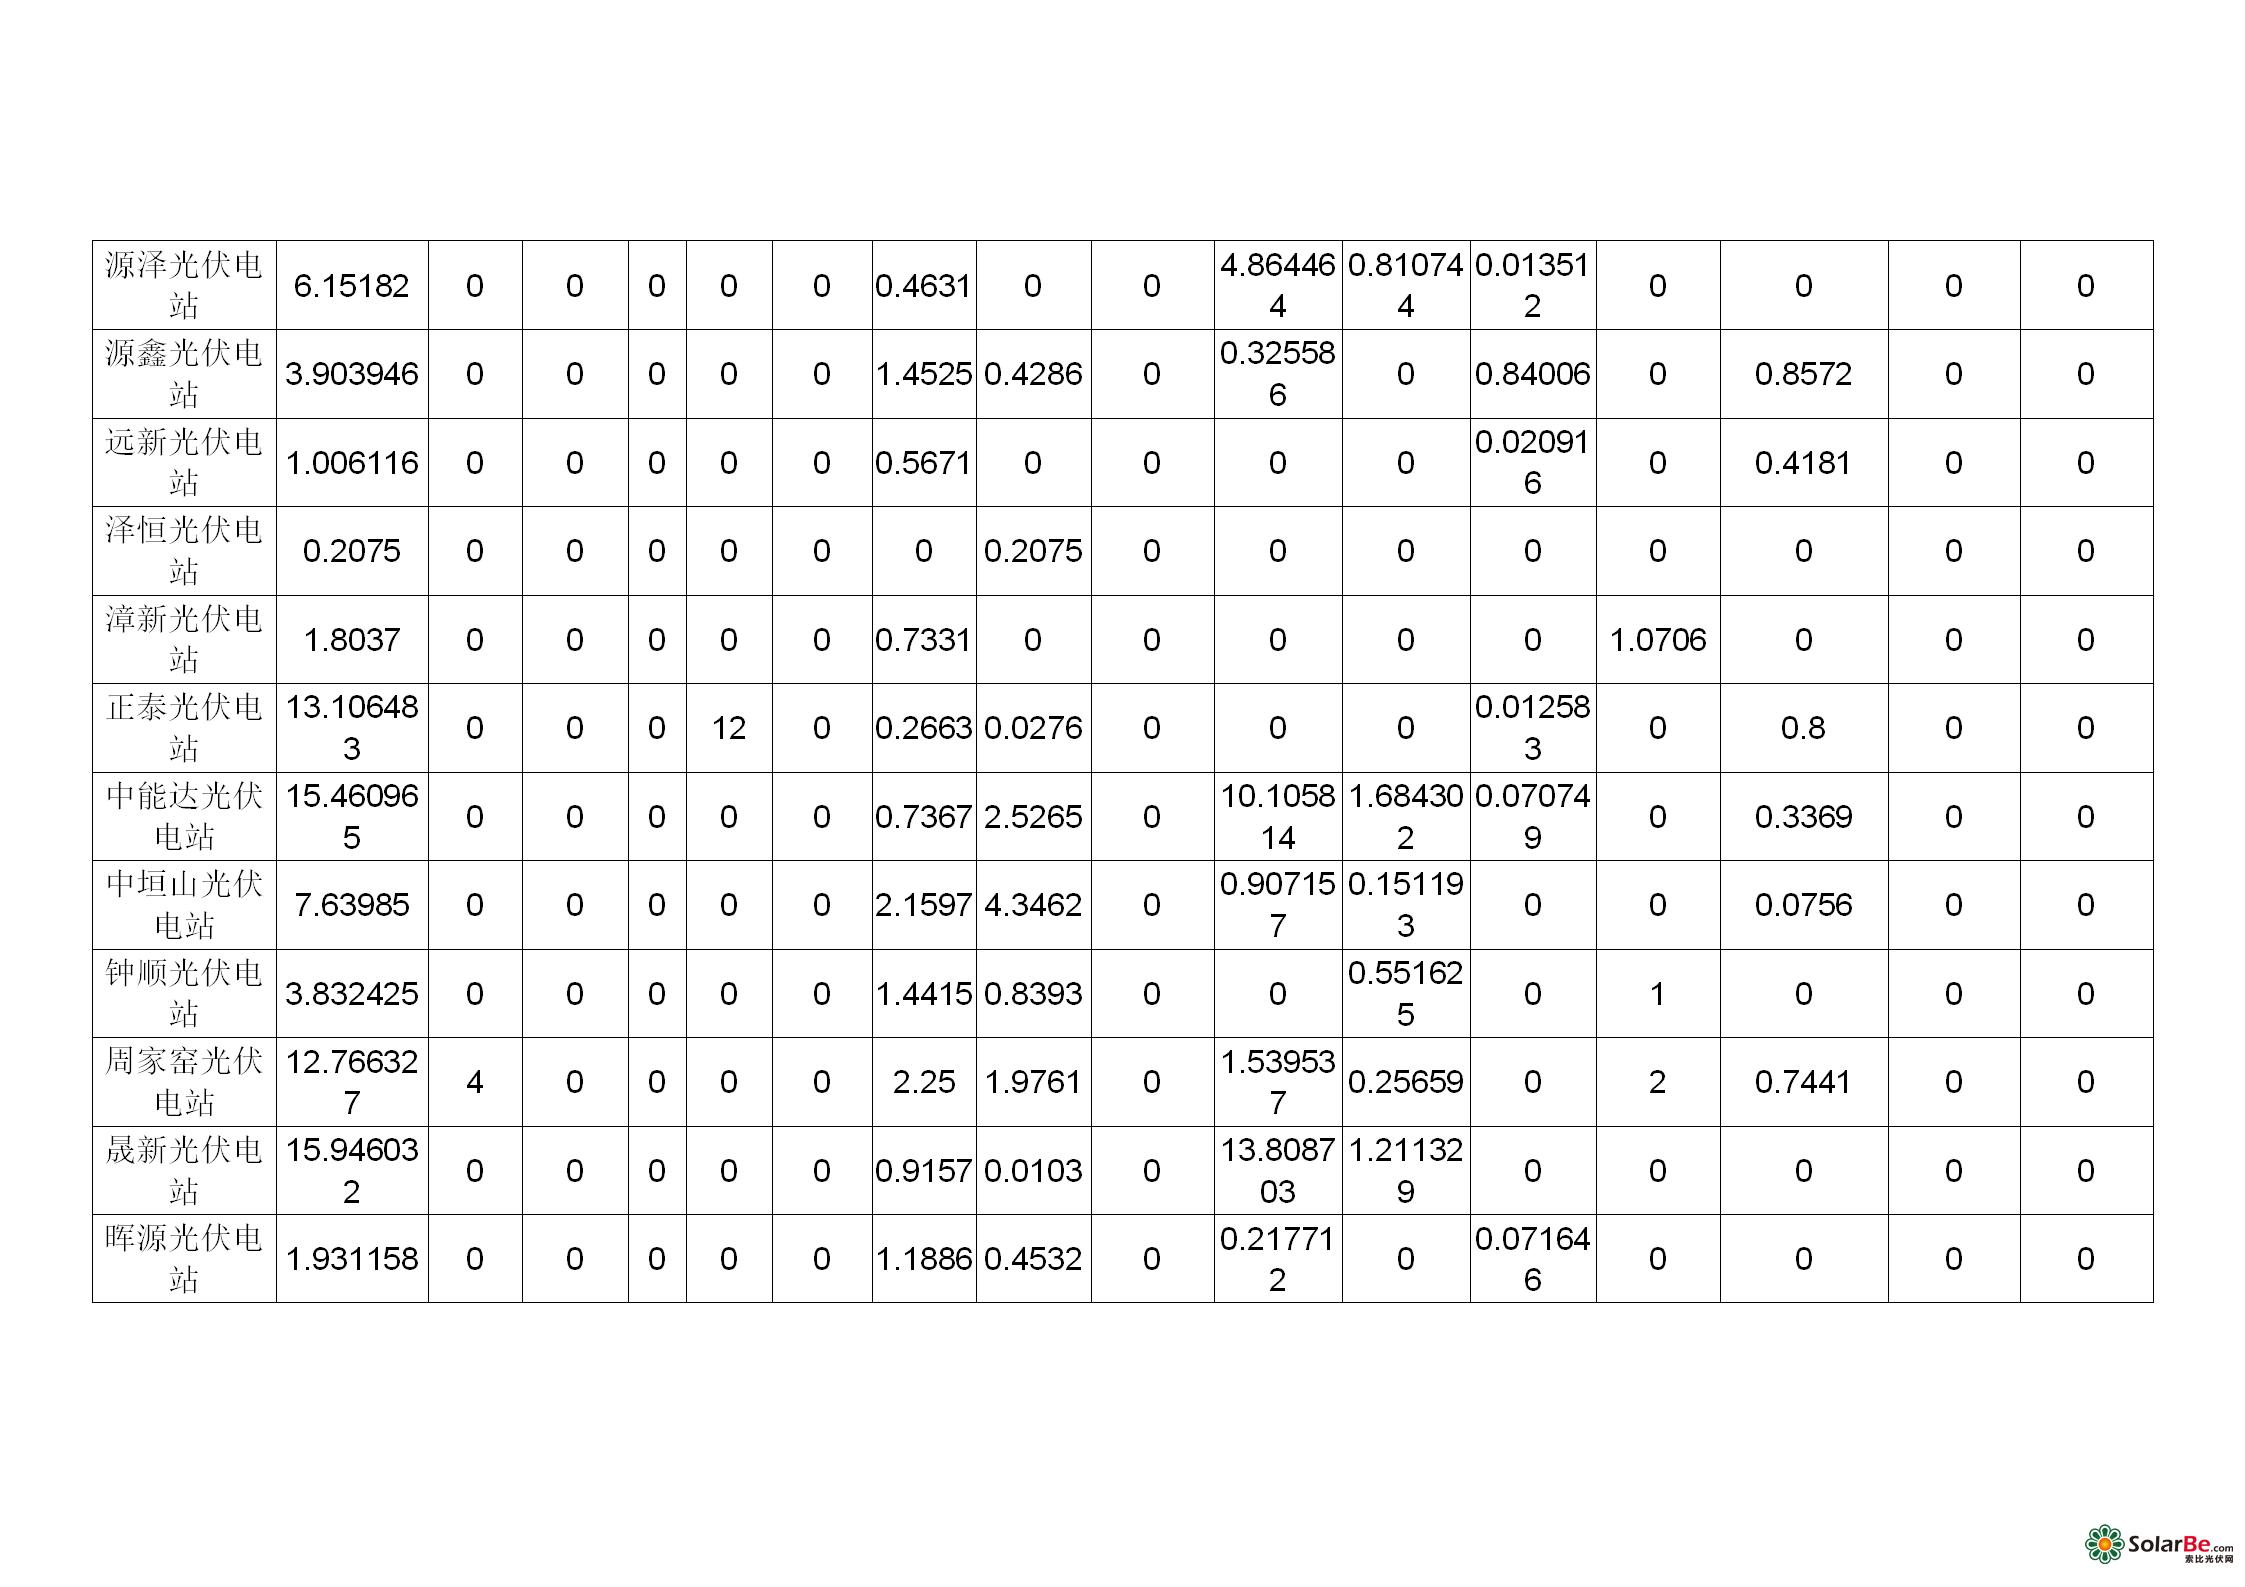 山西电网光伏电站并网运行考核统计表_05.png